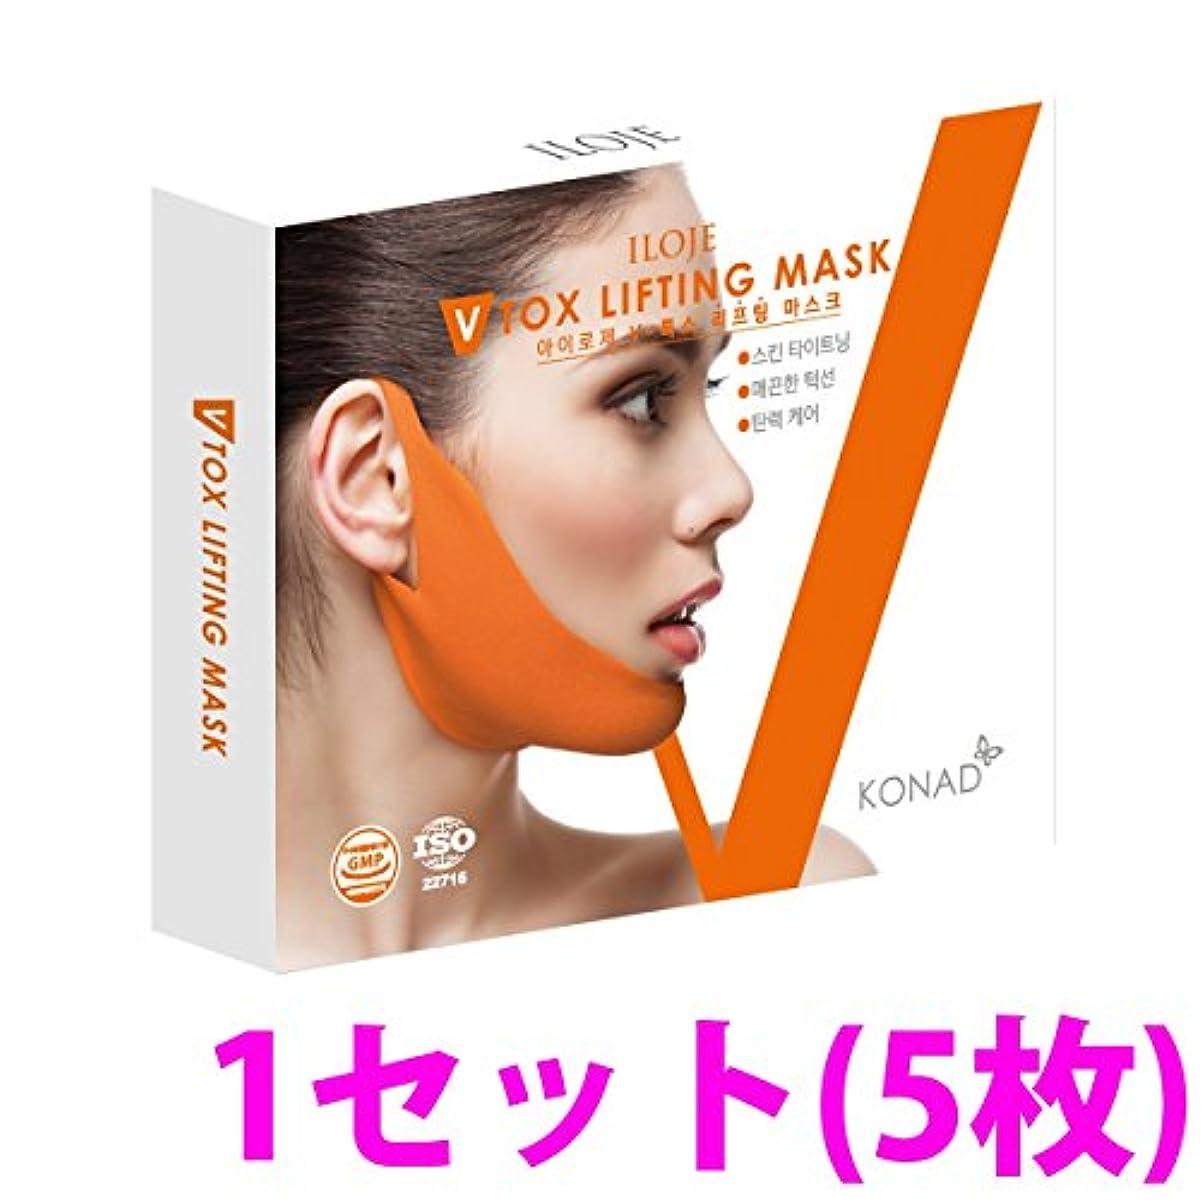 お誕生日水差し冷ややかな女性の年齢は顎の輪郭で決まる!V-TOXリフティングマスクパック 1セット(5枚)